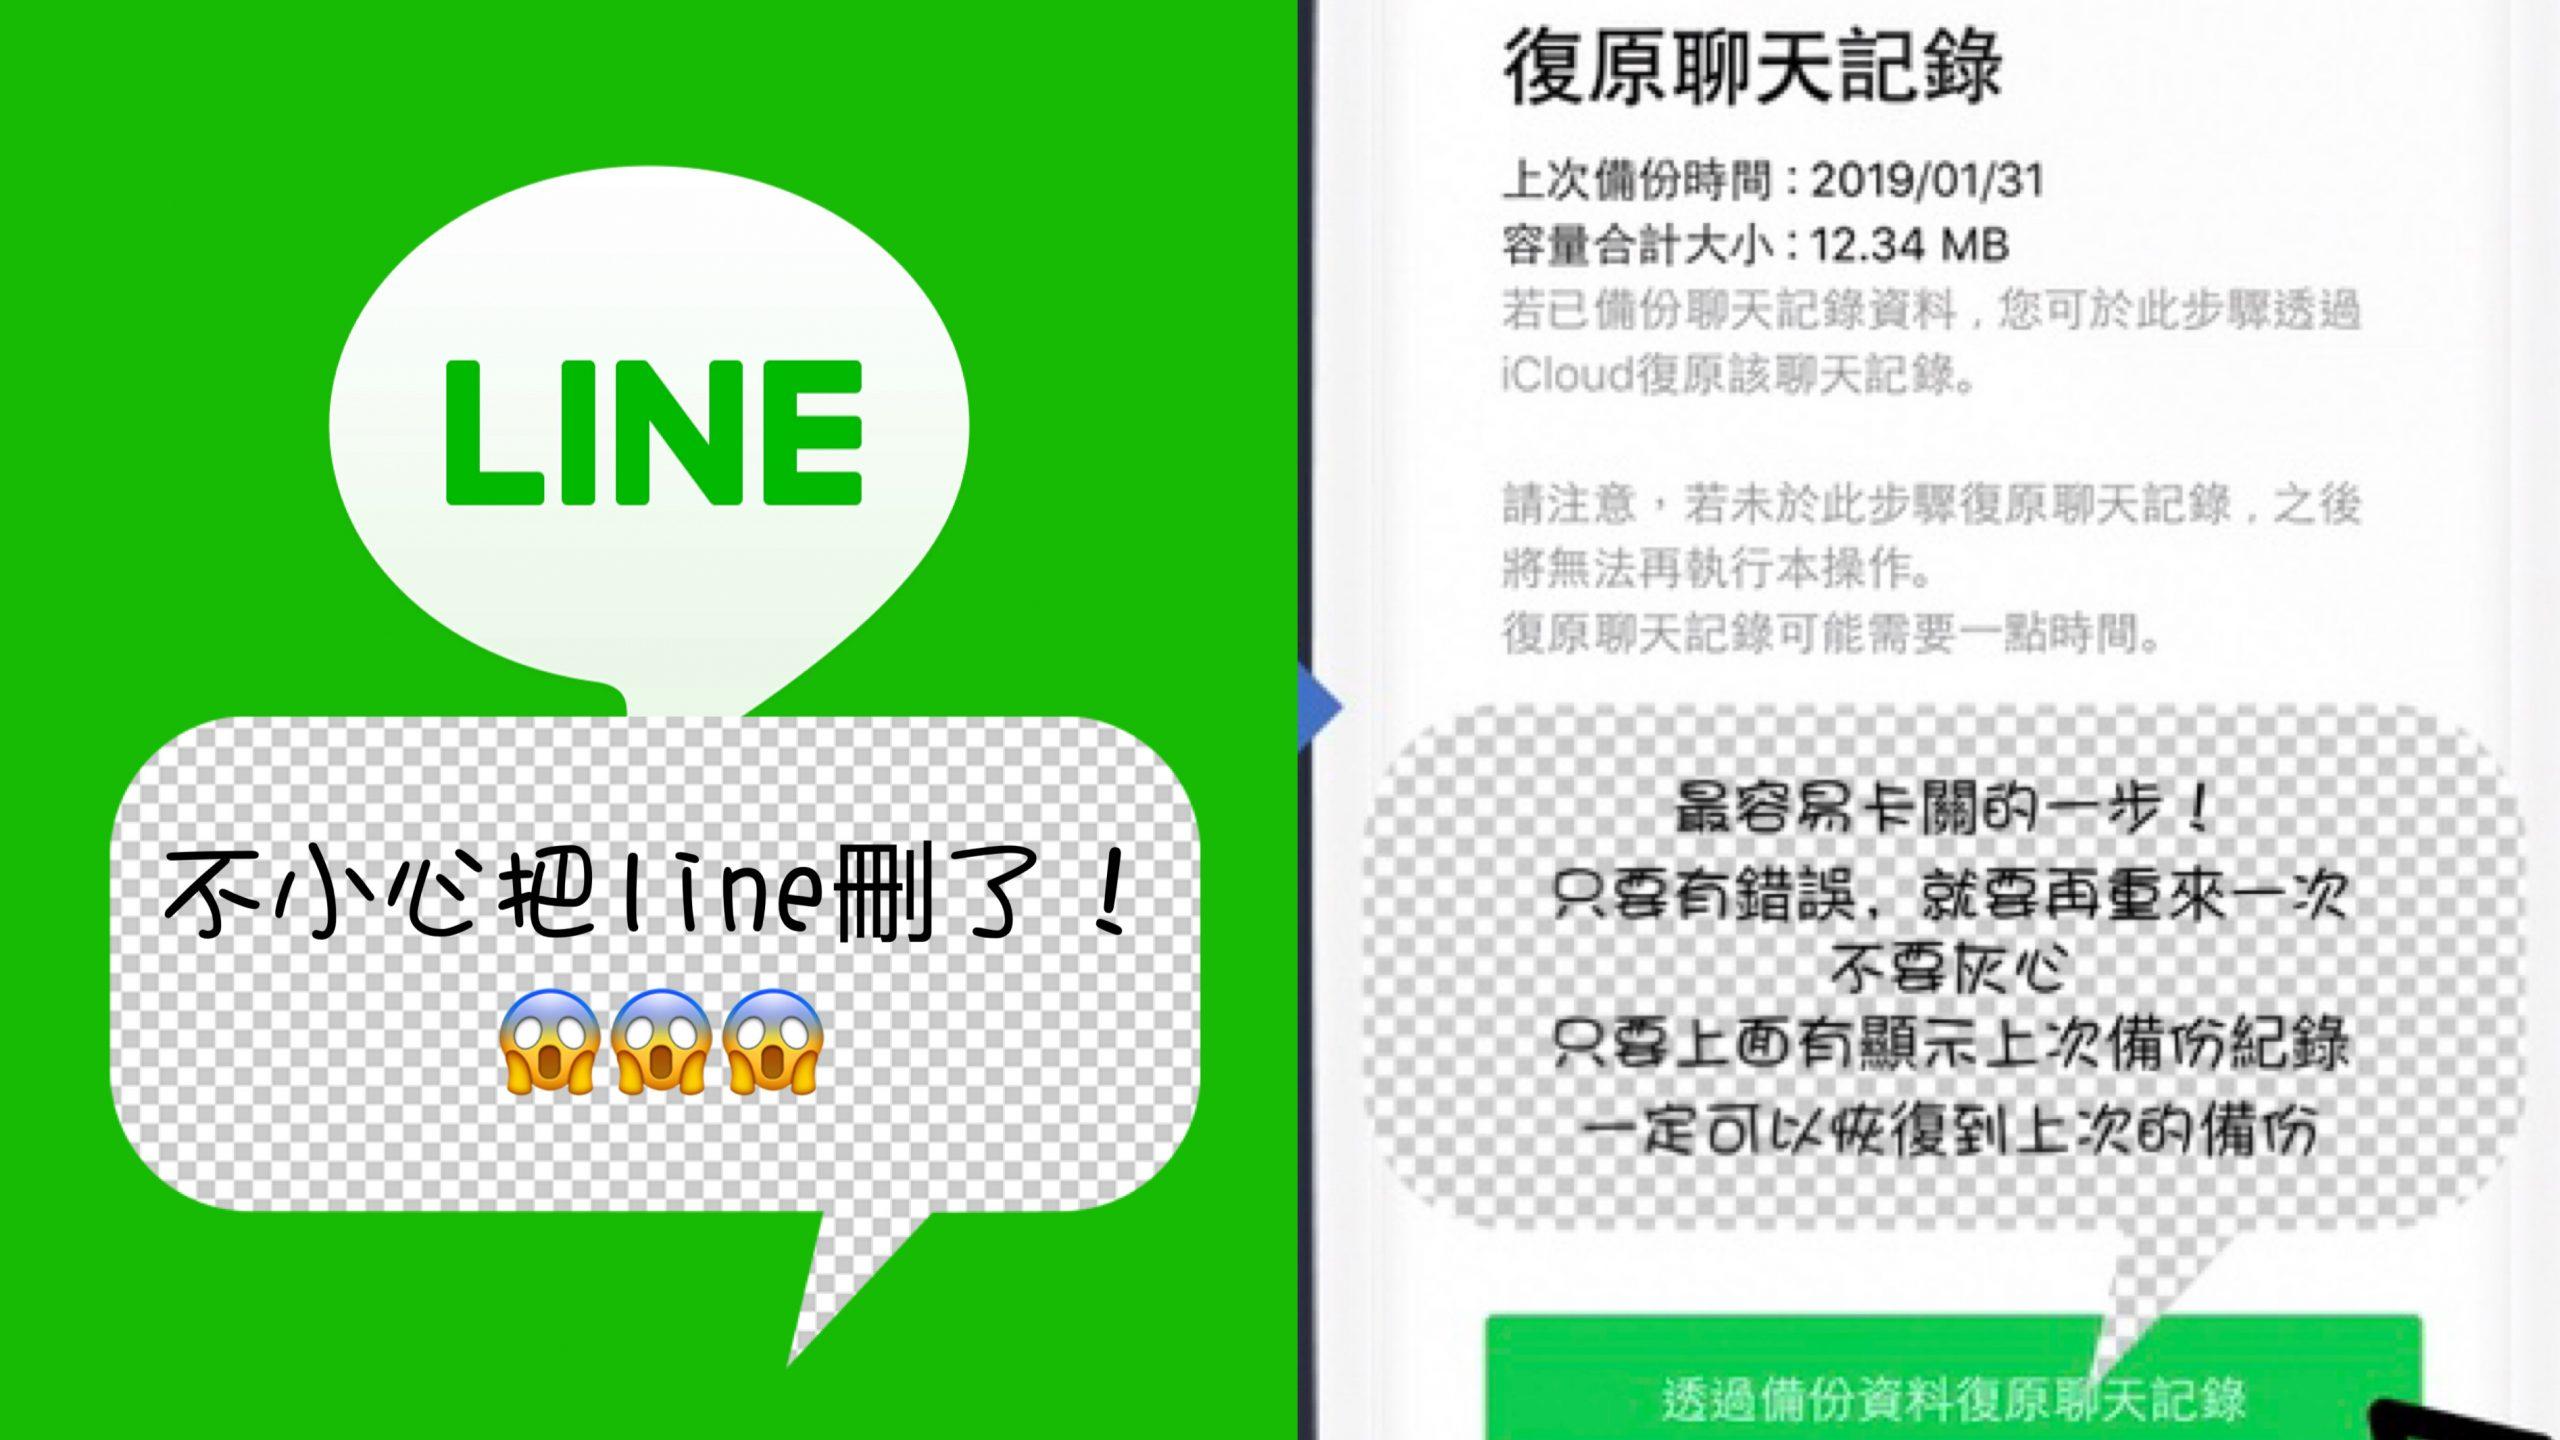 即時熱門文章:☆【教學】不小心誤刪LINE、復原聊天備份失敗?還原成功過程全記錄! ios版